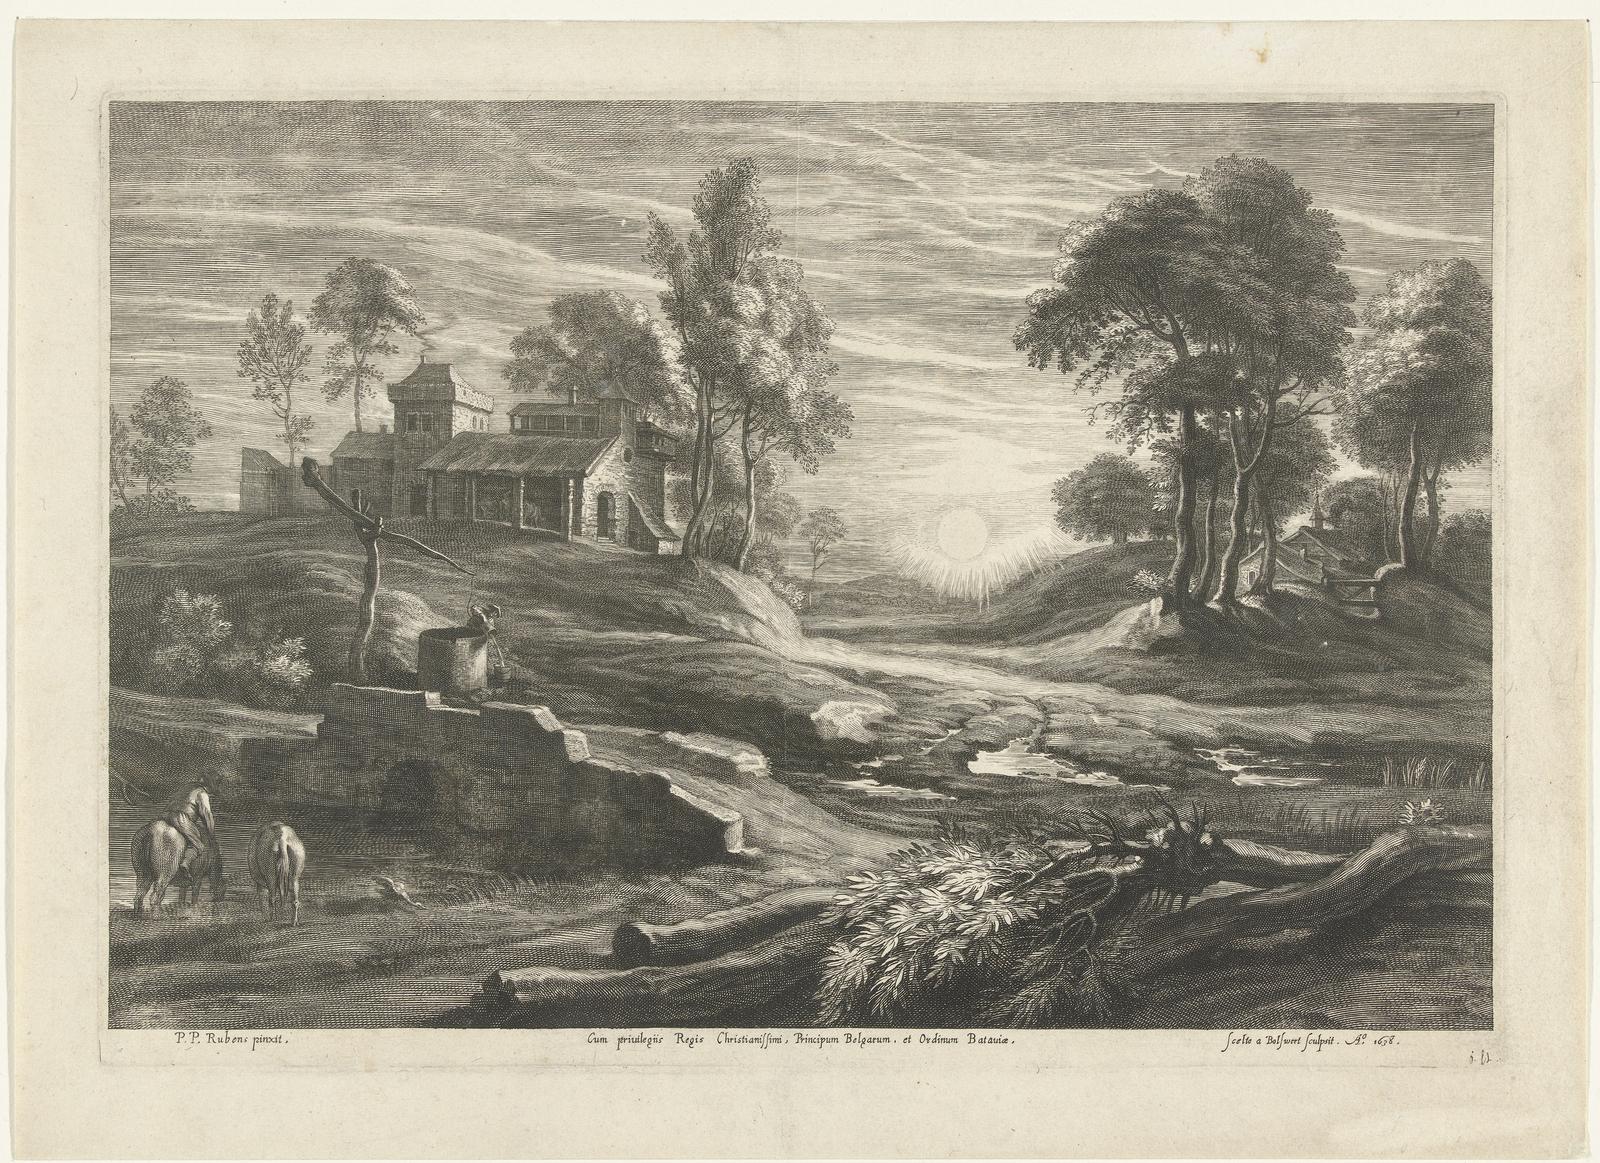 Landschap met waterput en zon